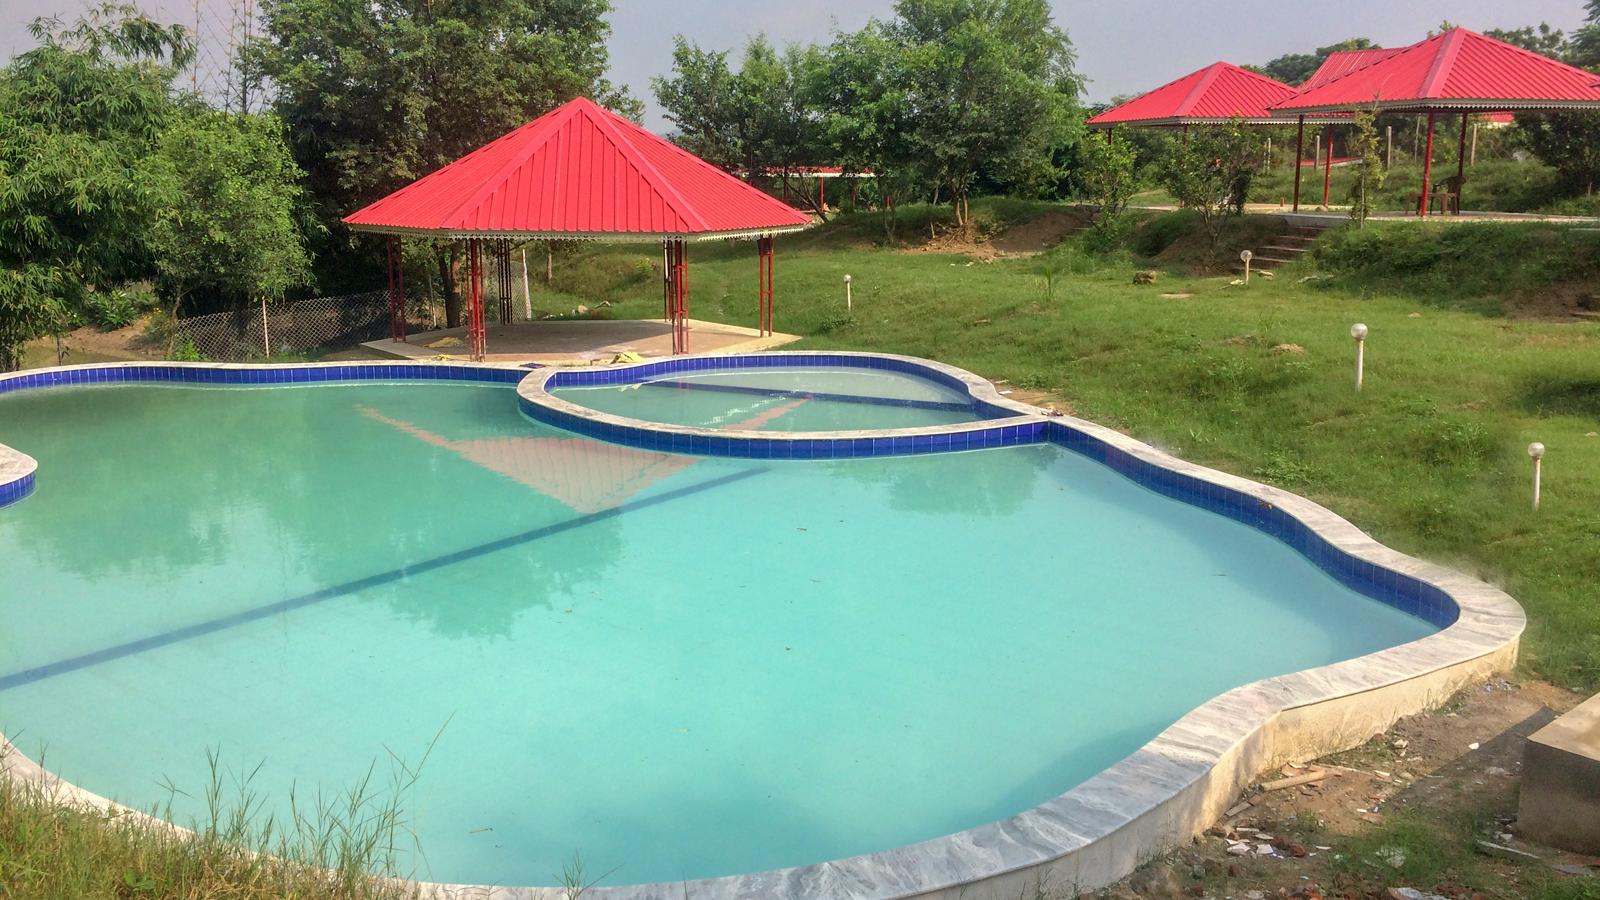 Pool at Prakriti Farm